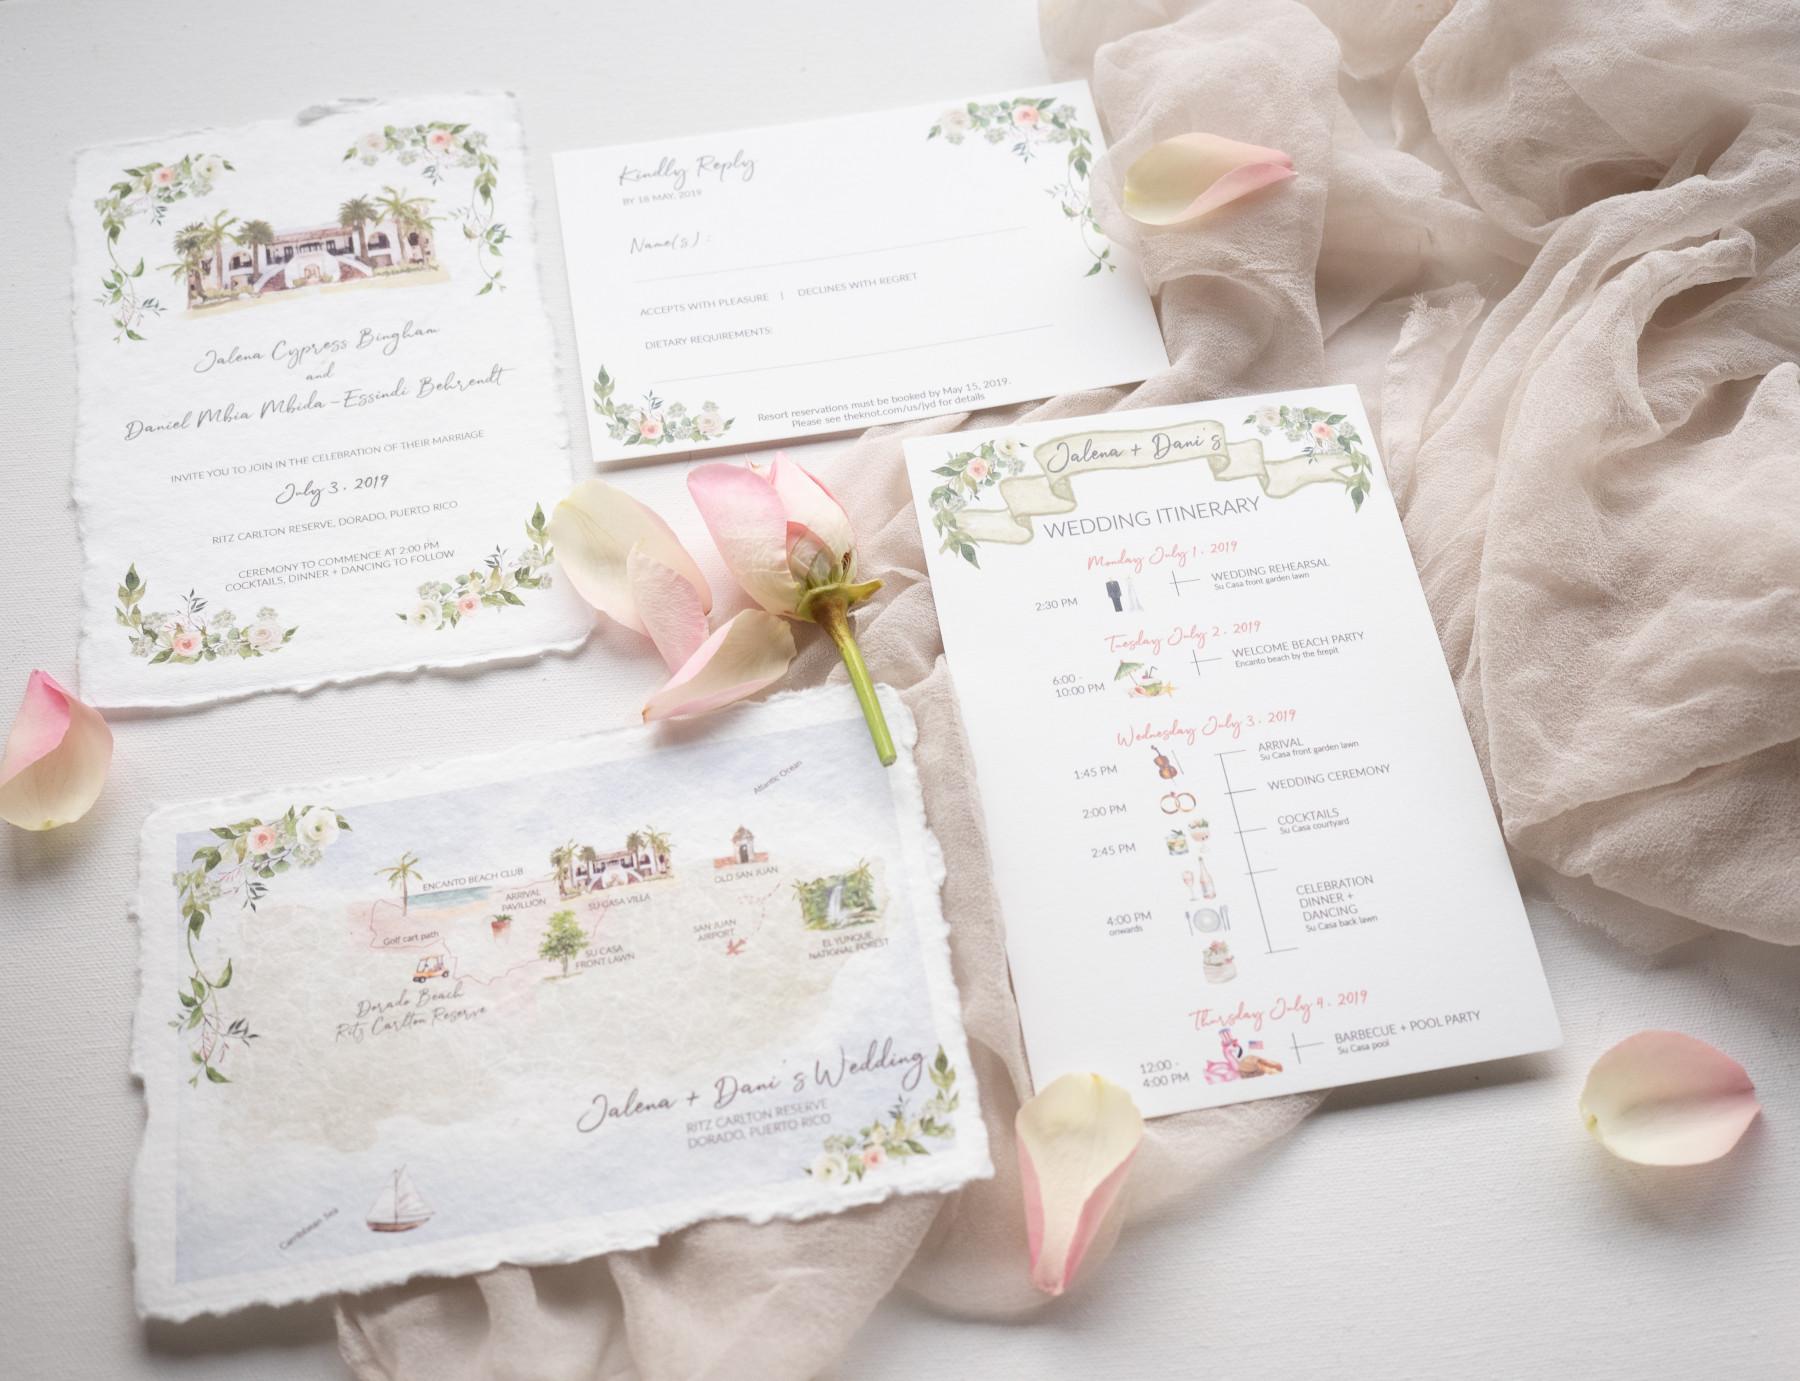 Приглашения на свадьбу, которые покорят ваших гостей